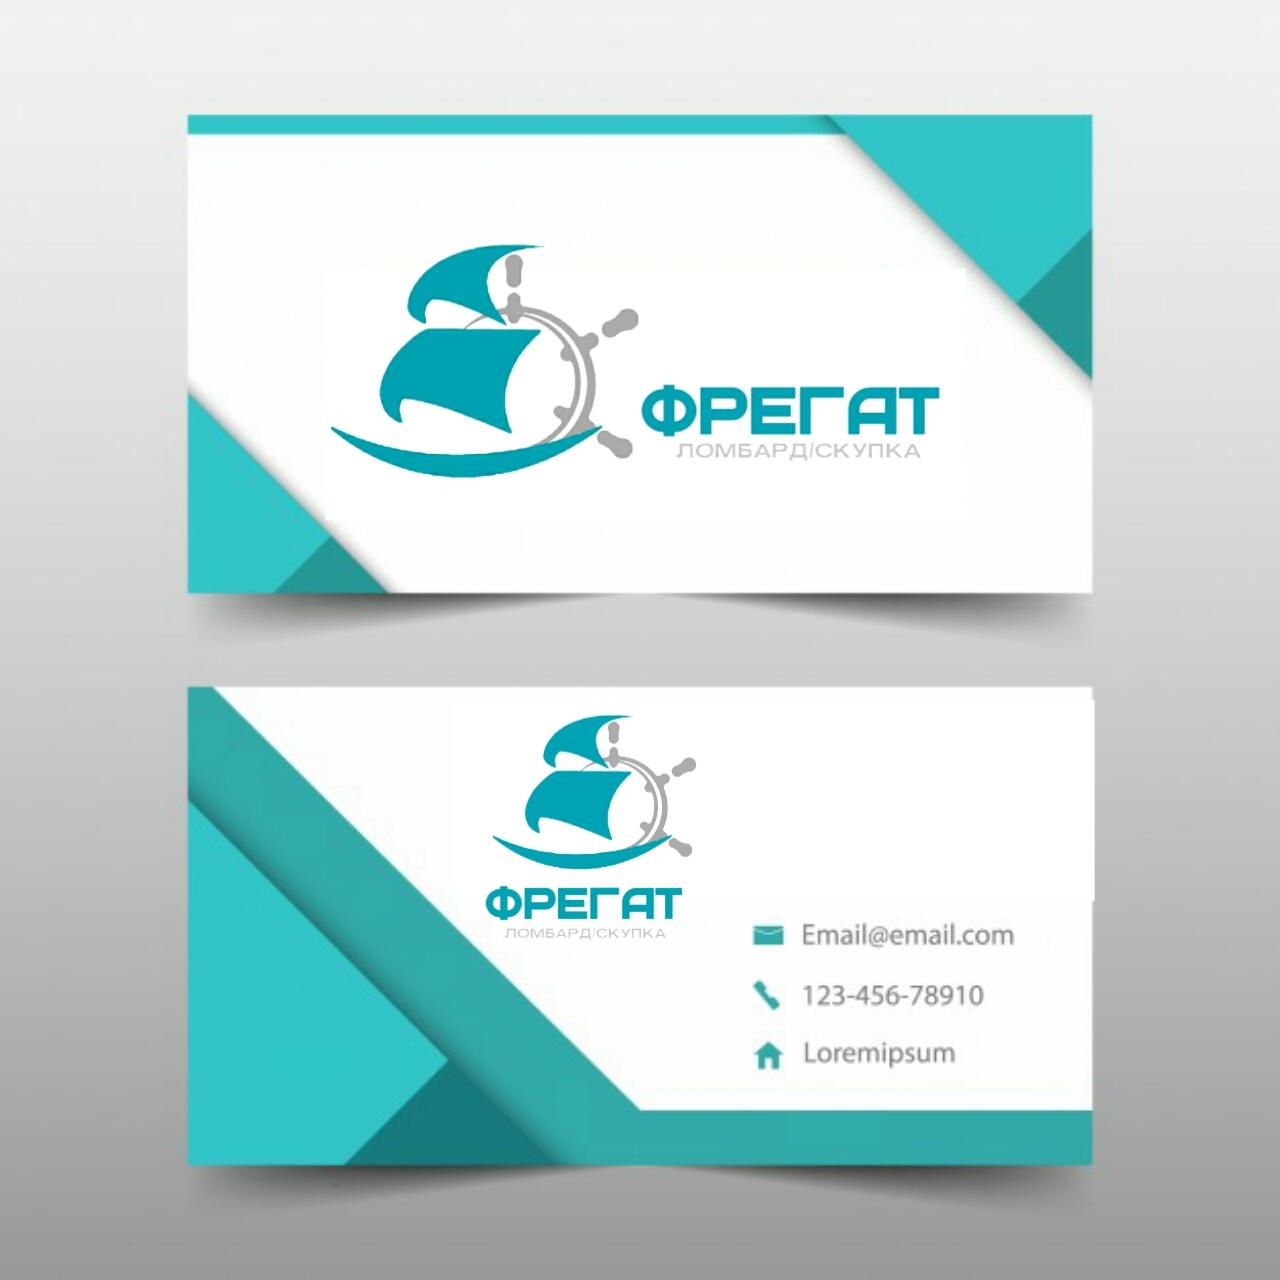 """Логотип, фирменный стиль Ломбард """"Фрегат"""" фото f_8685bc068cf480be.jpg"""